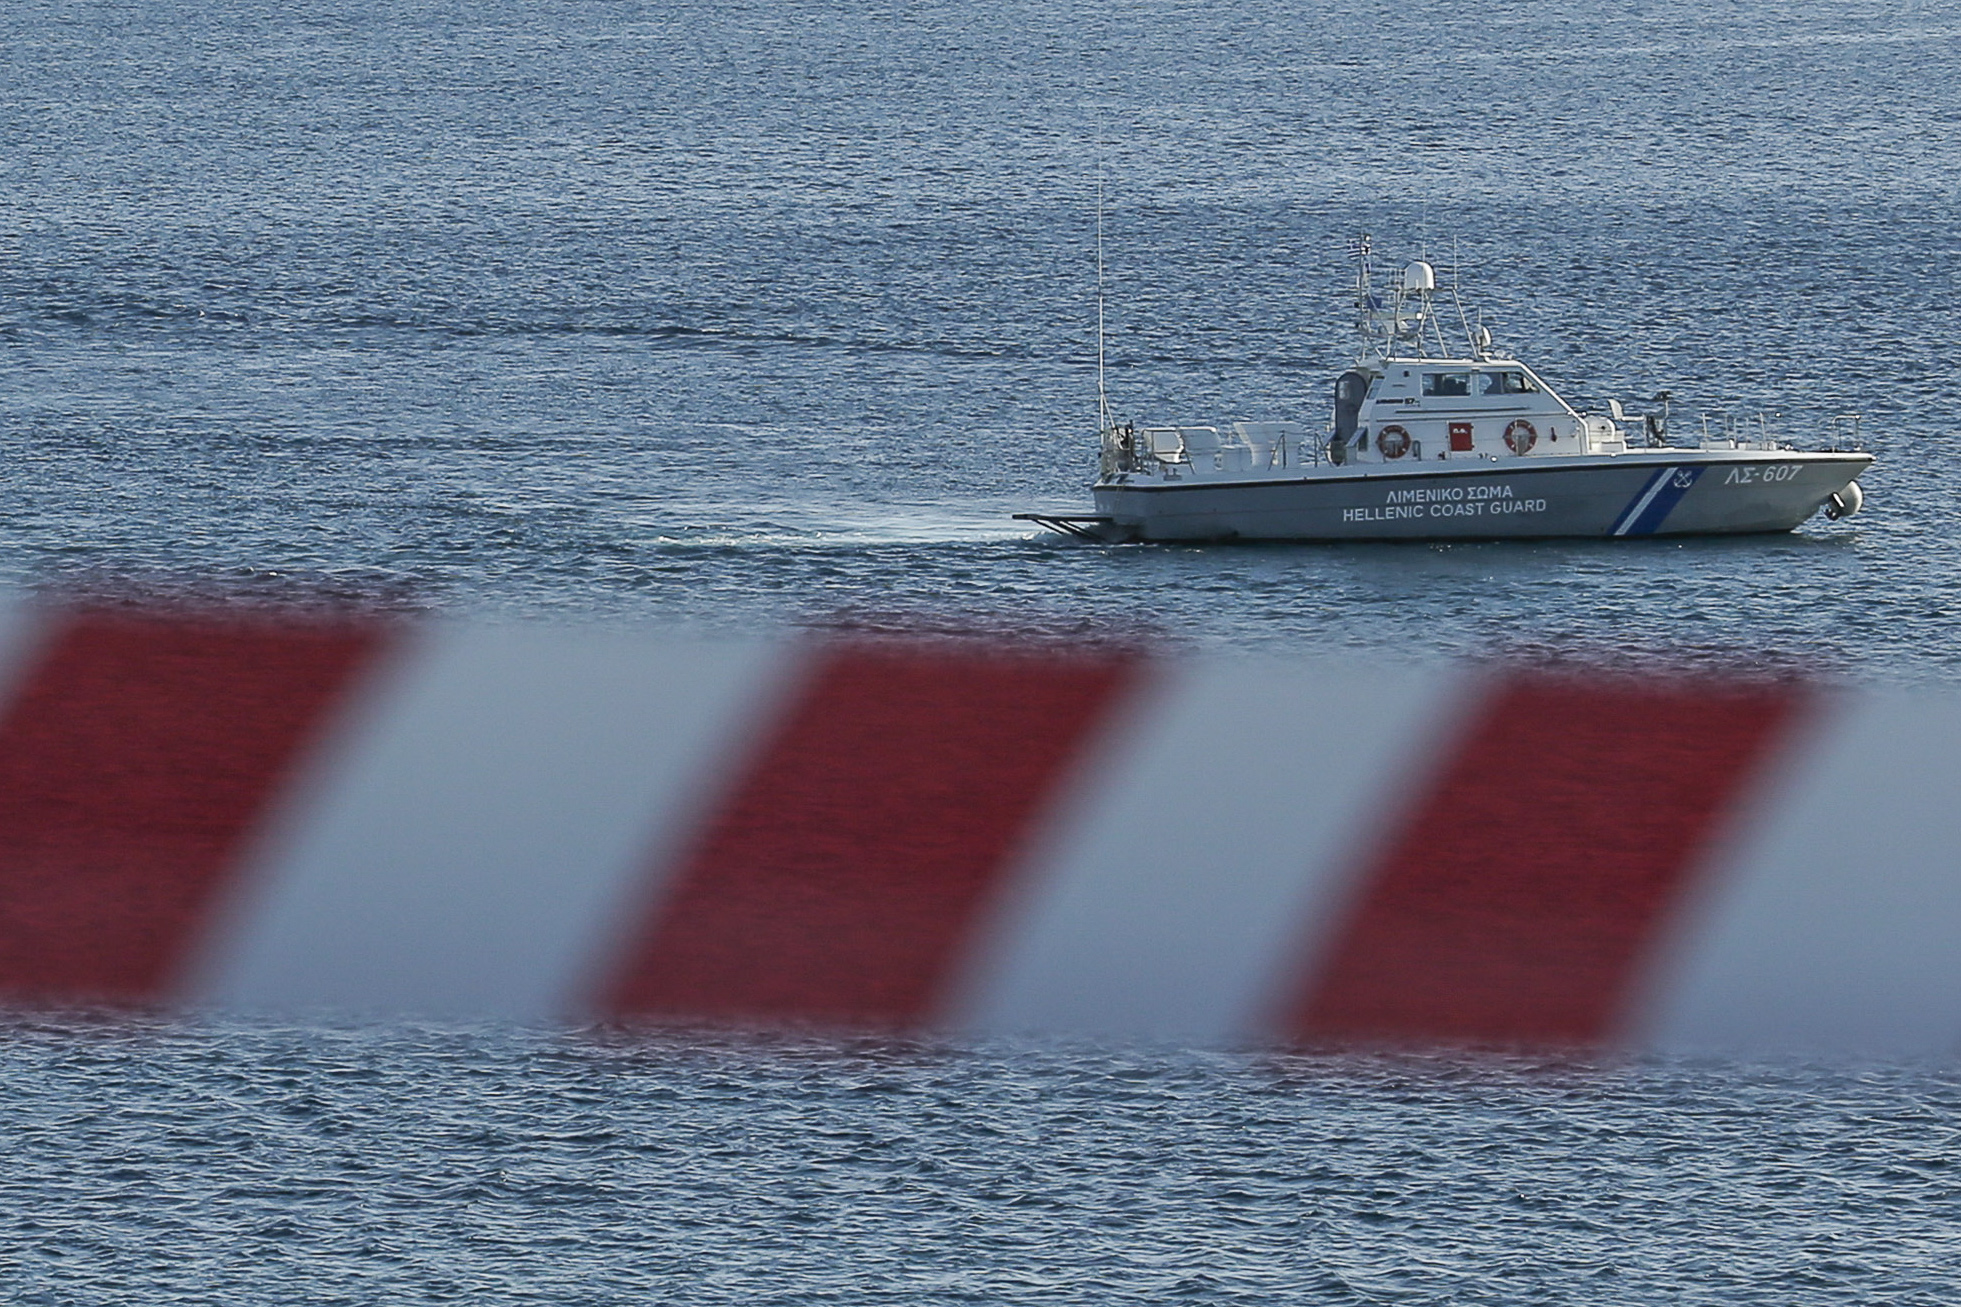 Θρίλερ στη Σάμο: Ανθρώπινη σορός στη θάλασσα